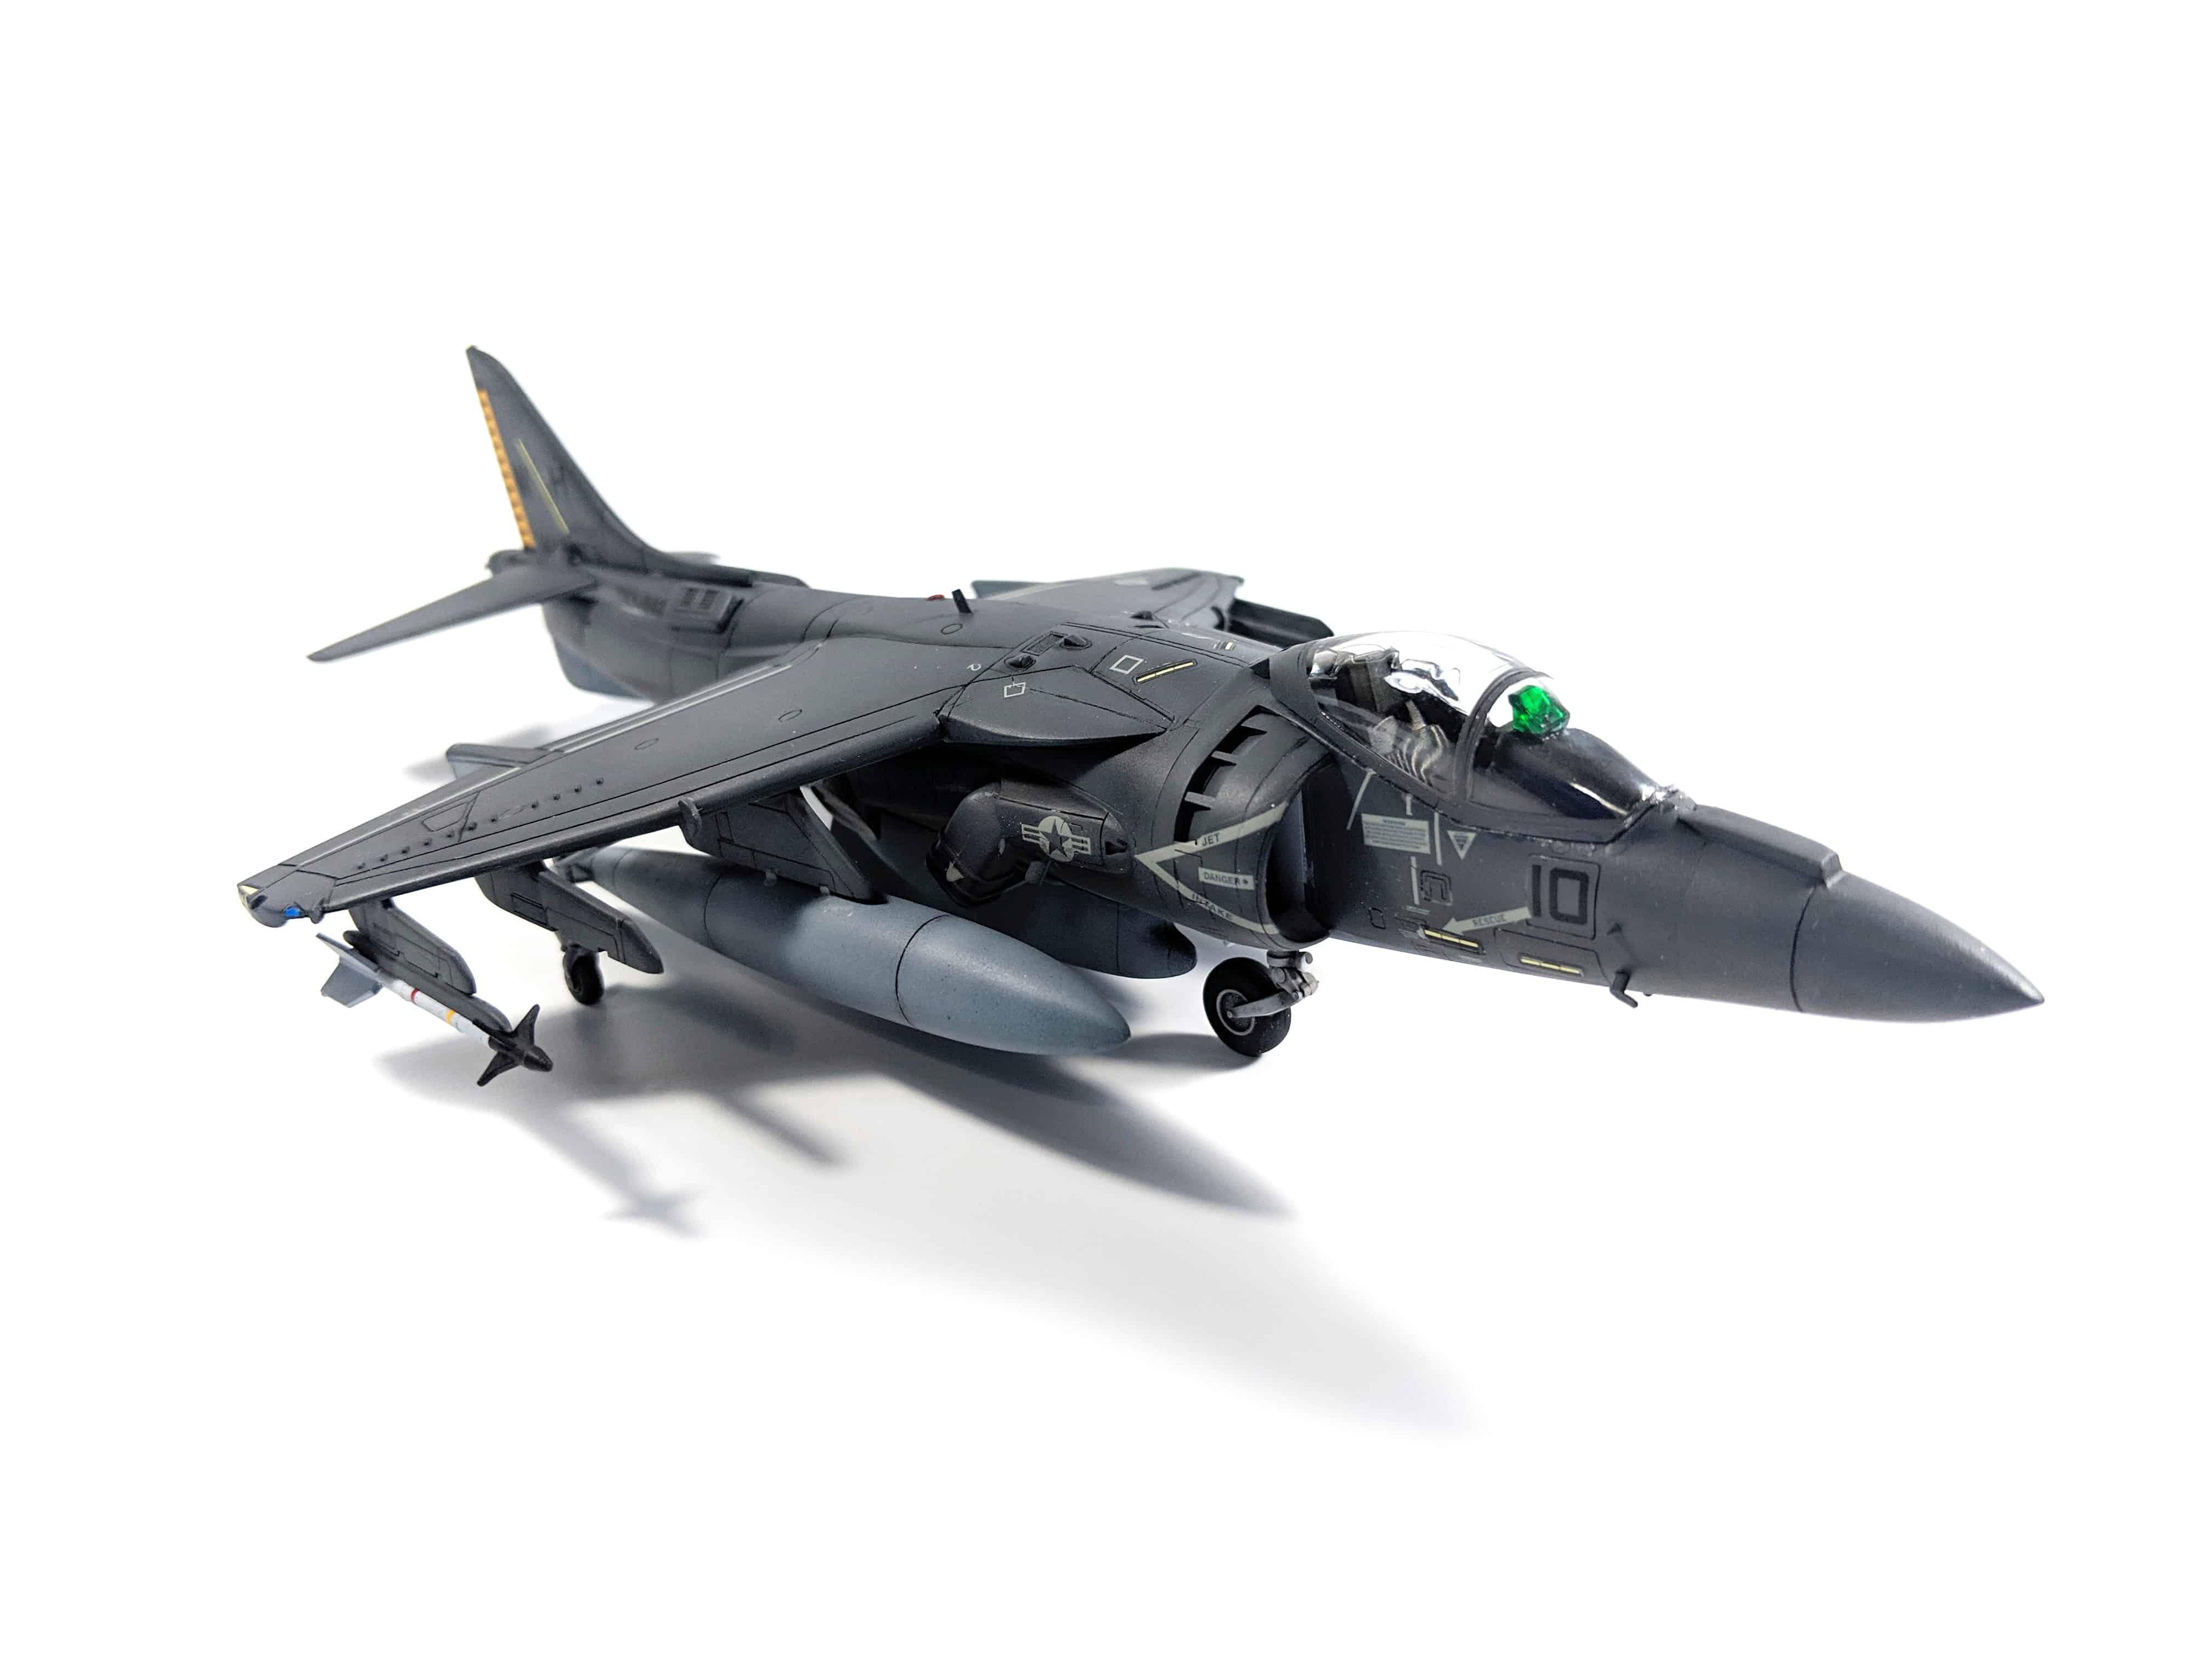 1/72 Hasegawa AV-8B Harrier